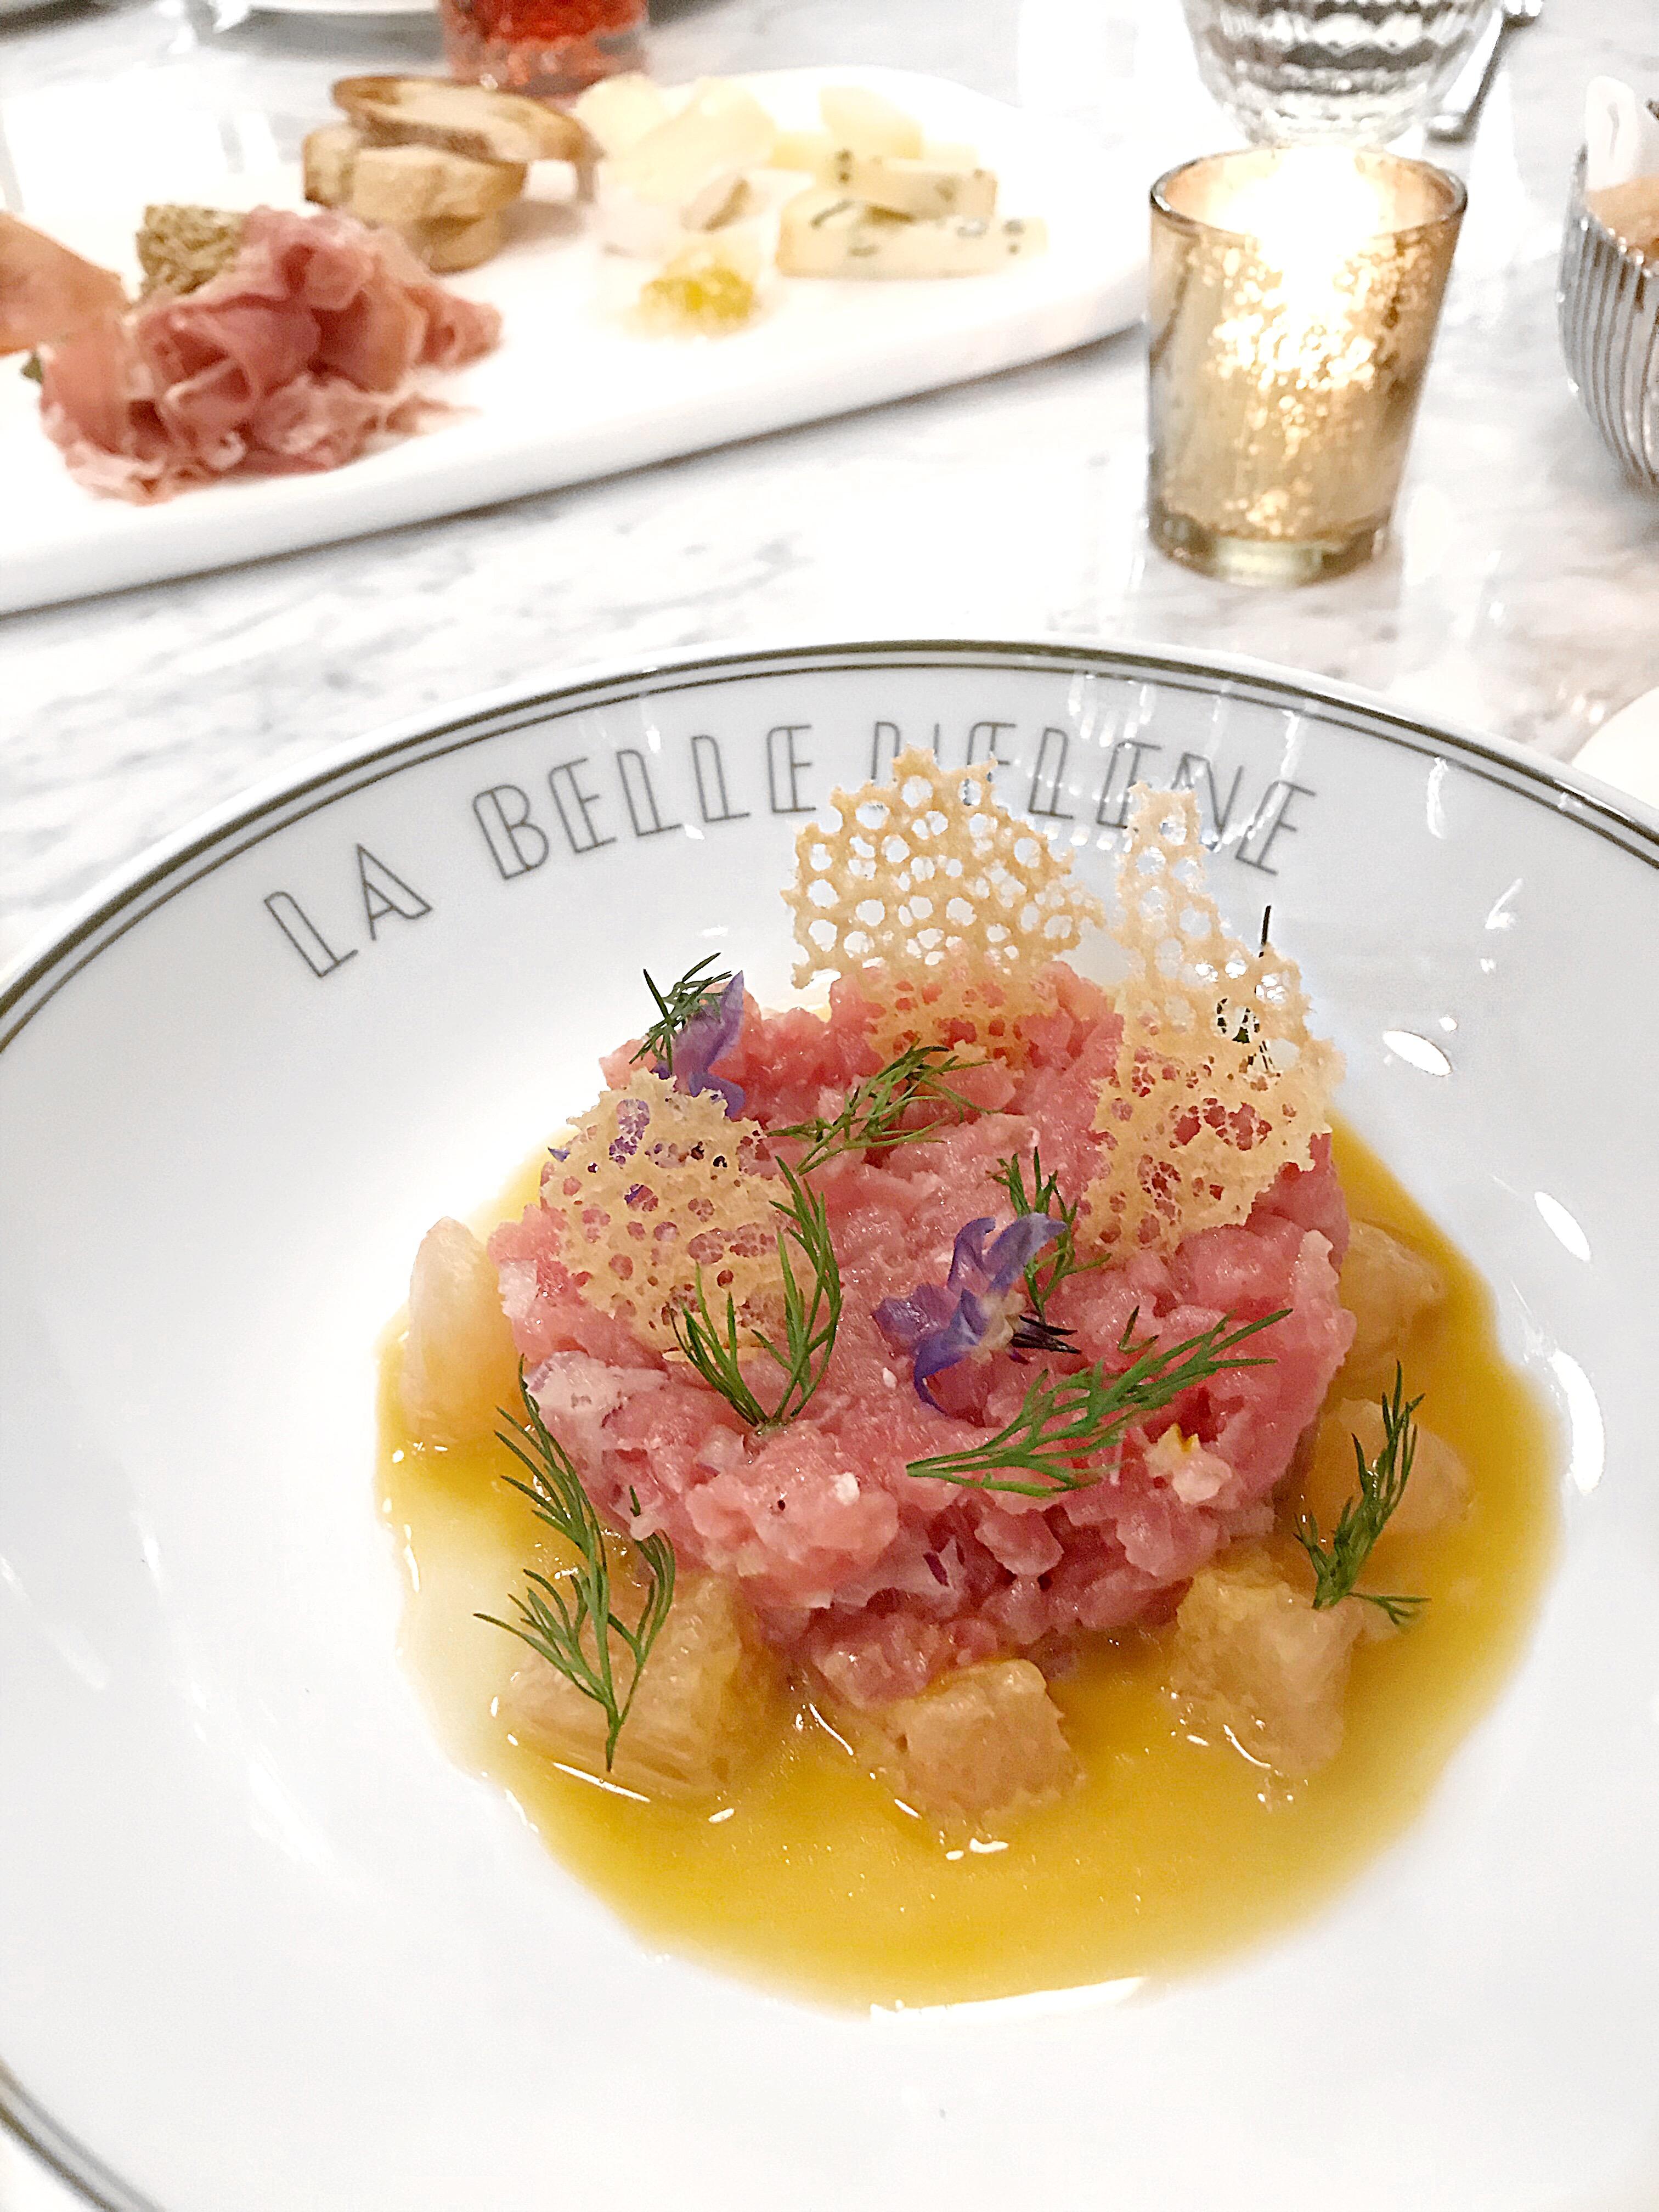 LaBelle Helene Charlotte, LaBelle Helene French Restaurant